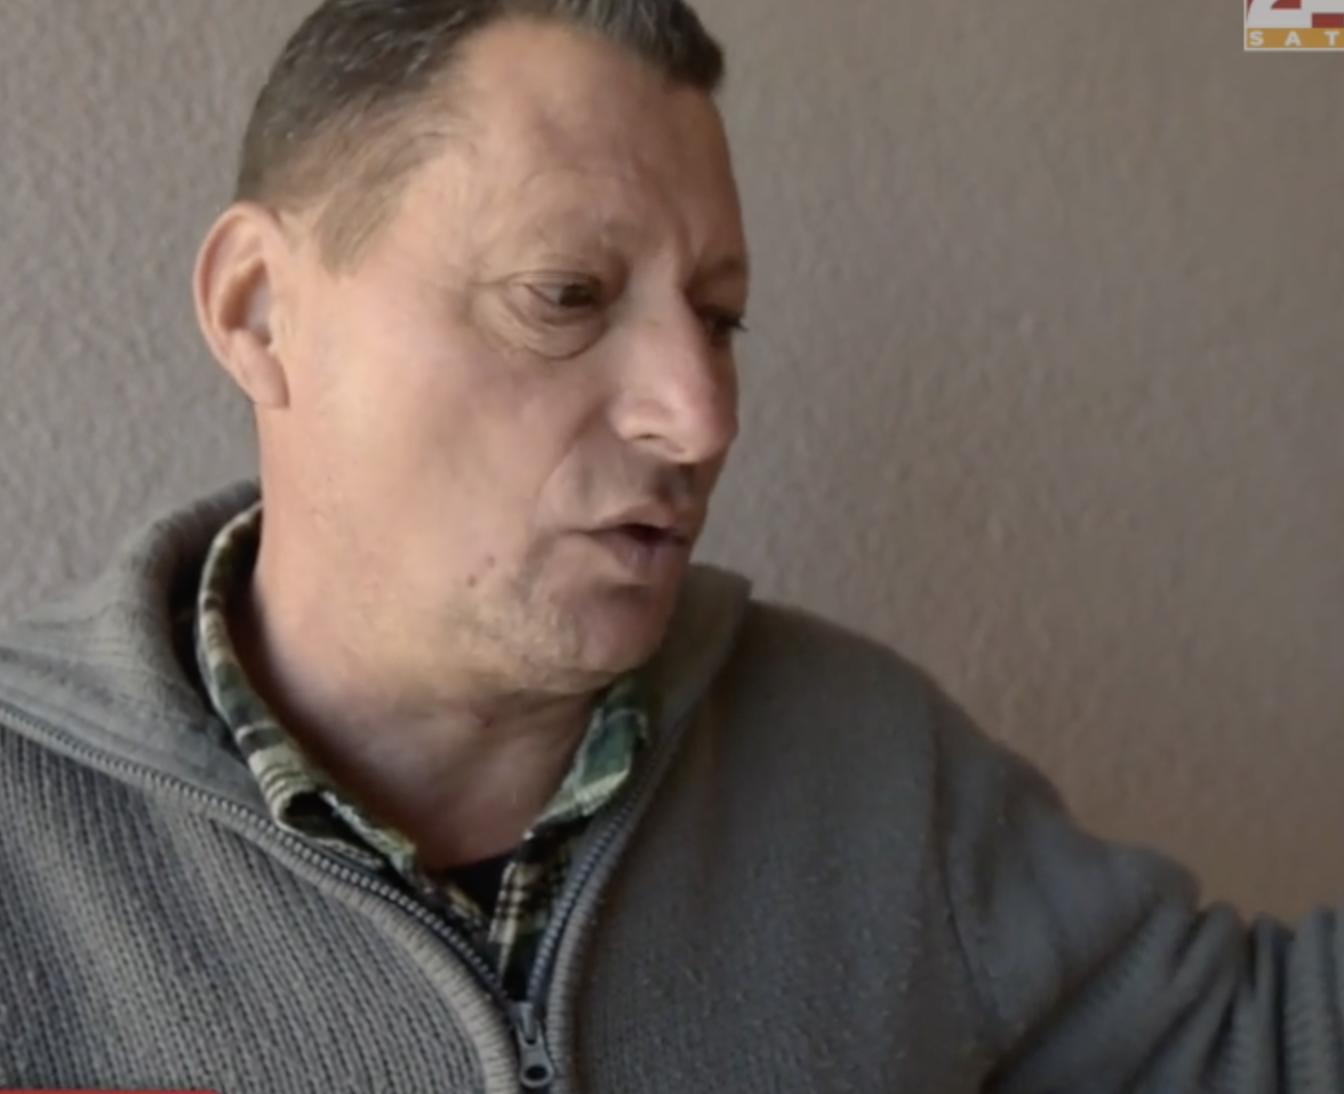 Škabrnja traži pravdu: 'Kidali su uši i ljude gazili tenkovima'